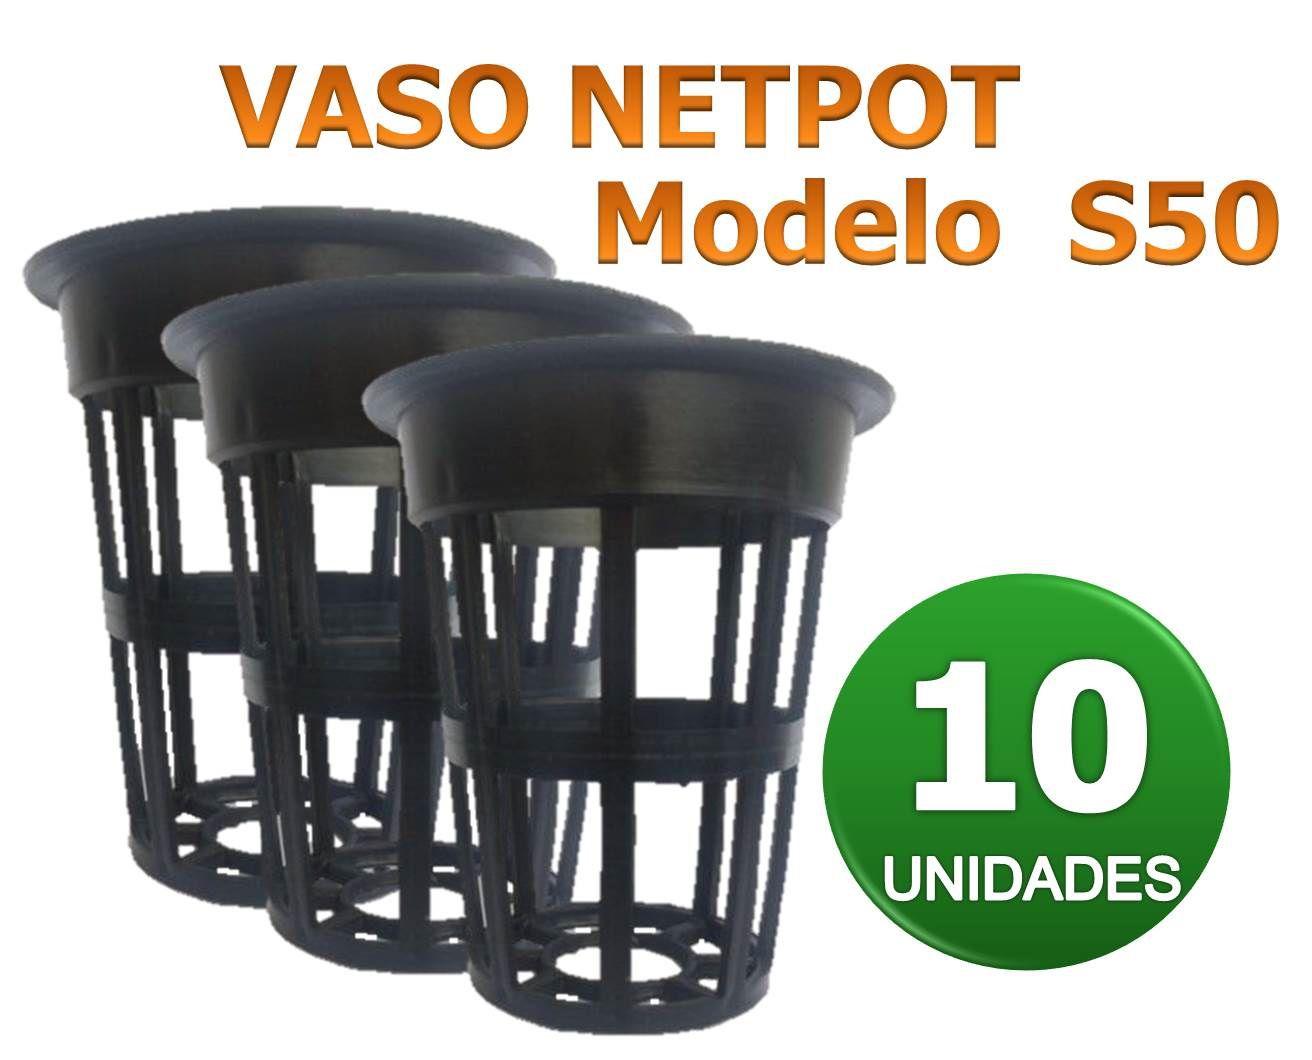 VASO NETPOT S50 - 10 UN